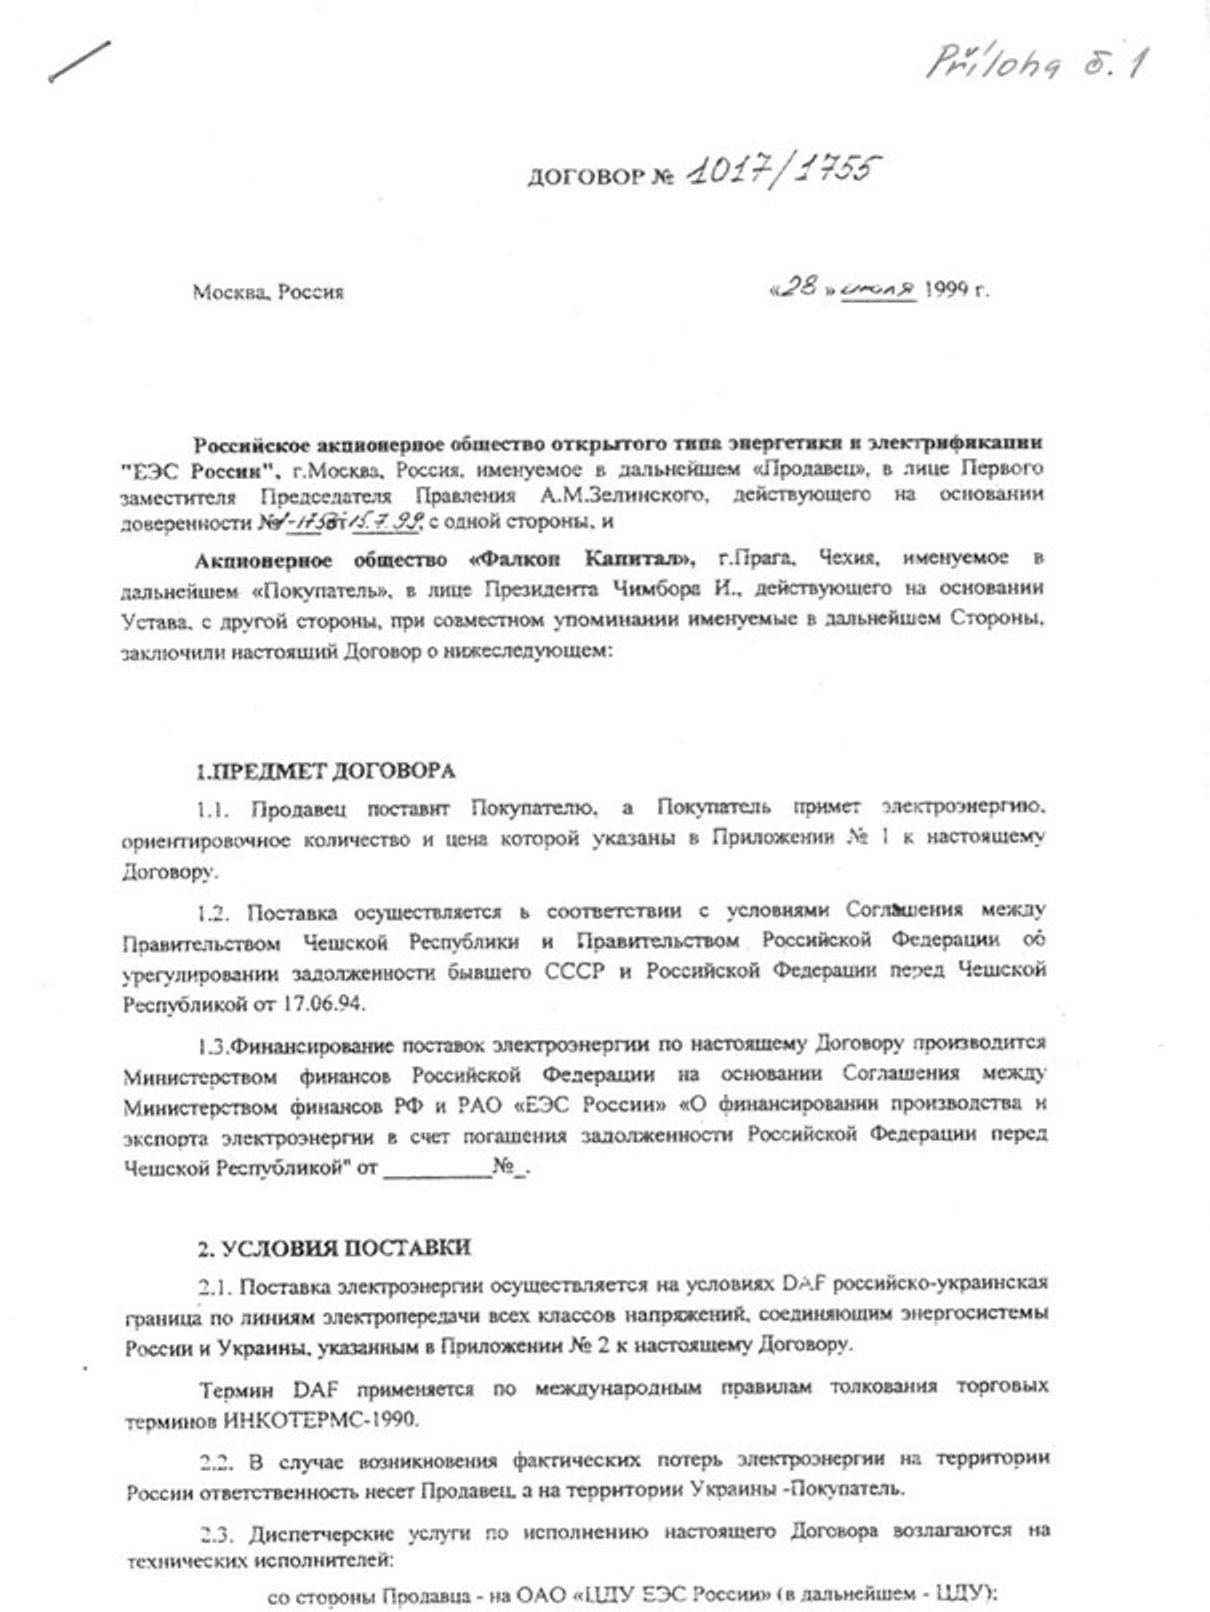 Номер договора, действительно, совпадает с номером телефона Москалева - 1017/1755.